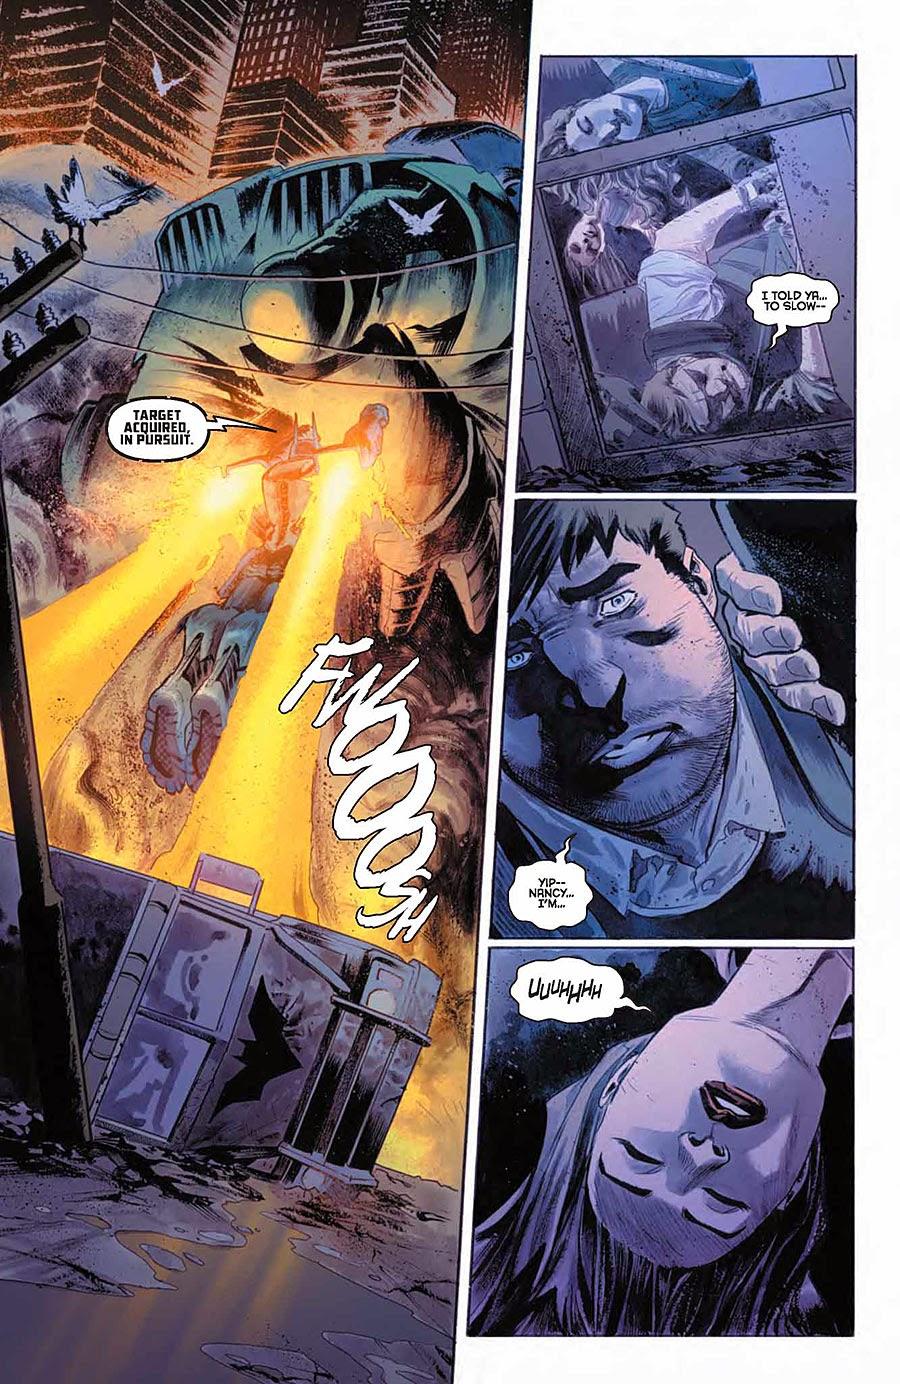 [Batman USA] - Notícias diversas do Morcego !!! - Página 2 DTC-950-dyluxlo-res-crop-Page-6-2048-55491465a7f773-32098413-c12e5